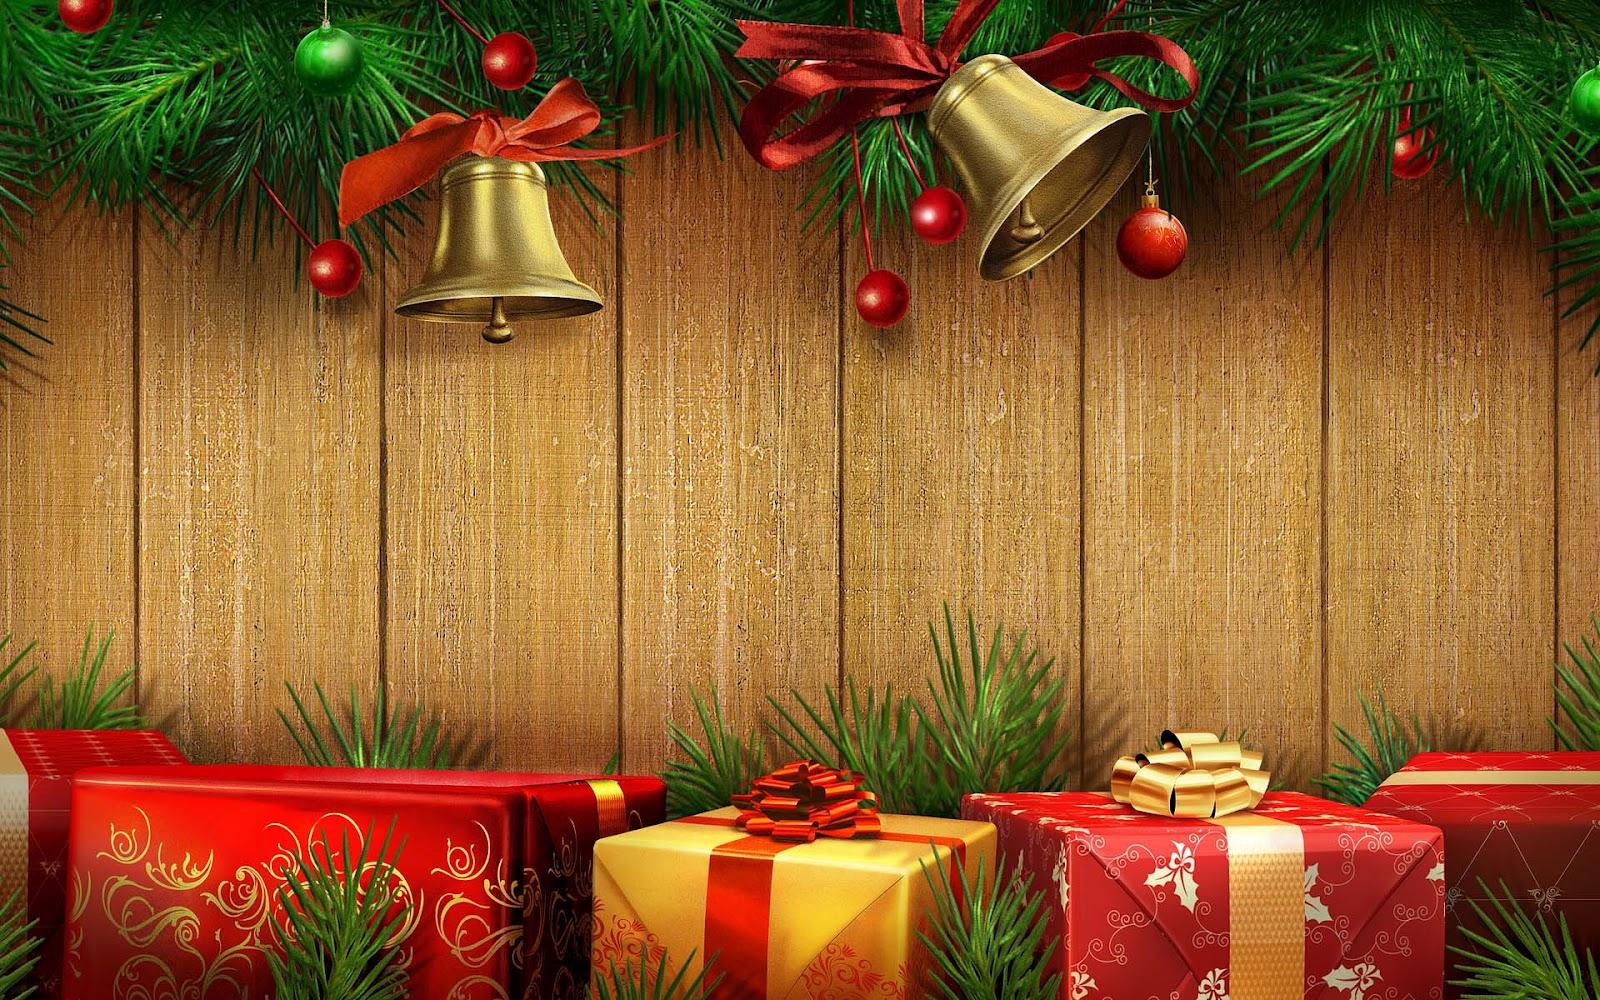 Houten kerst achtergrond | Bureaublad Achtergronden Wallpapers Kerst Achtergronden